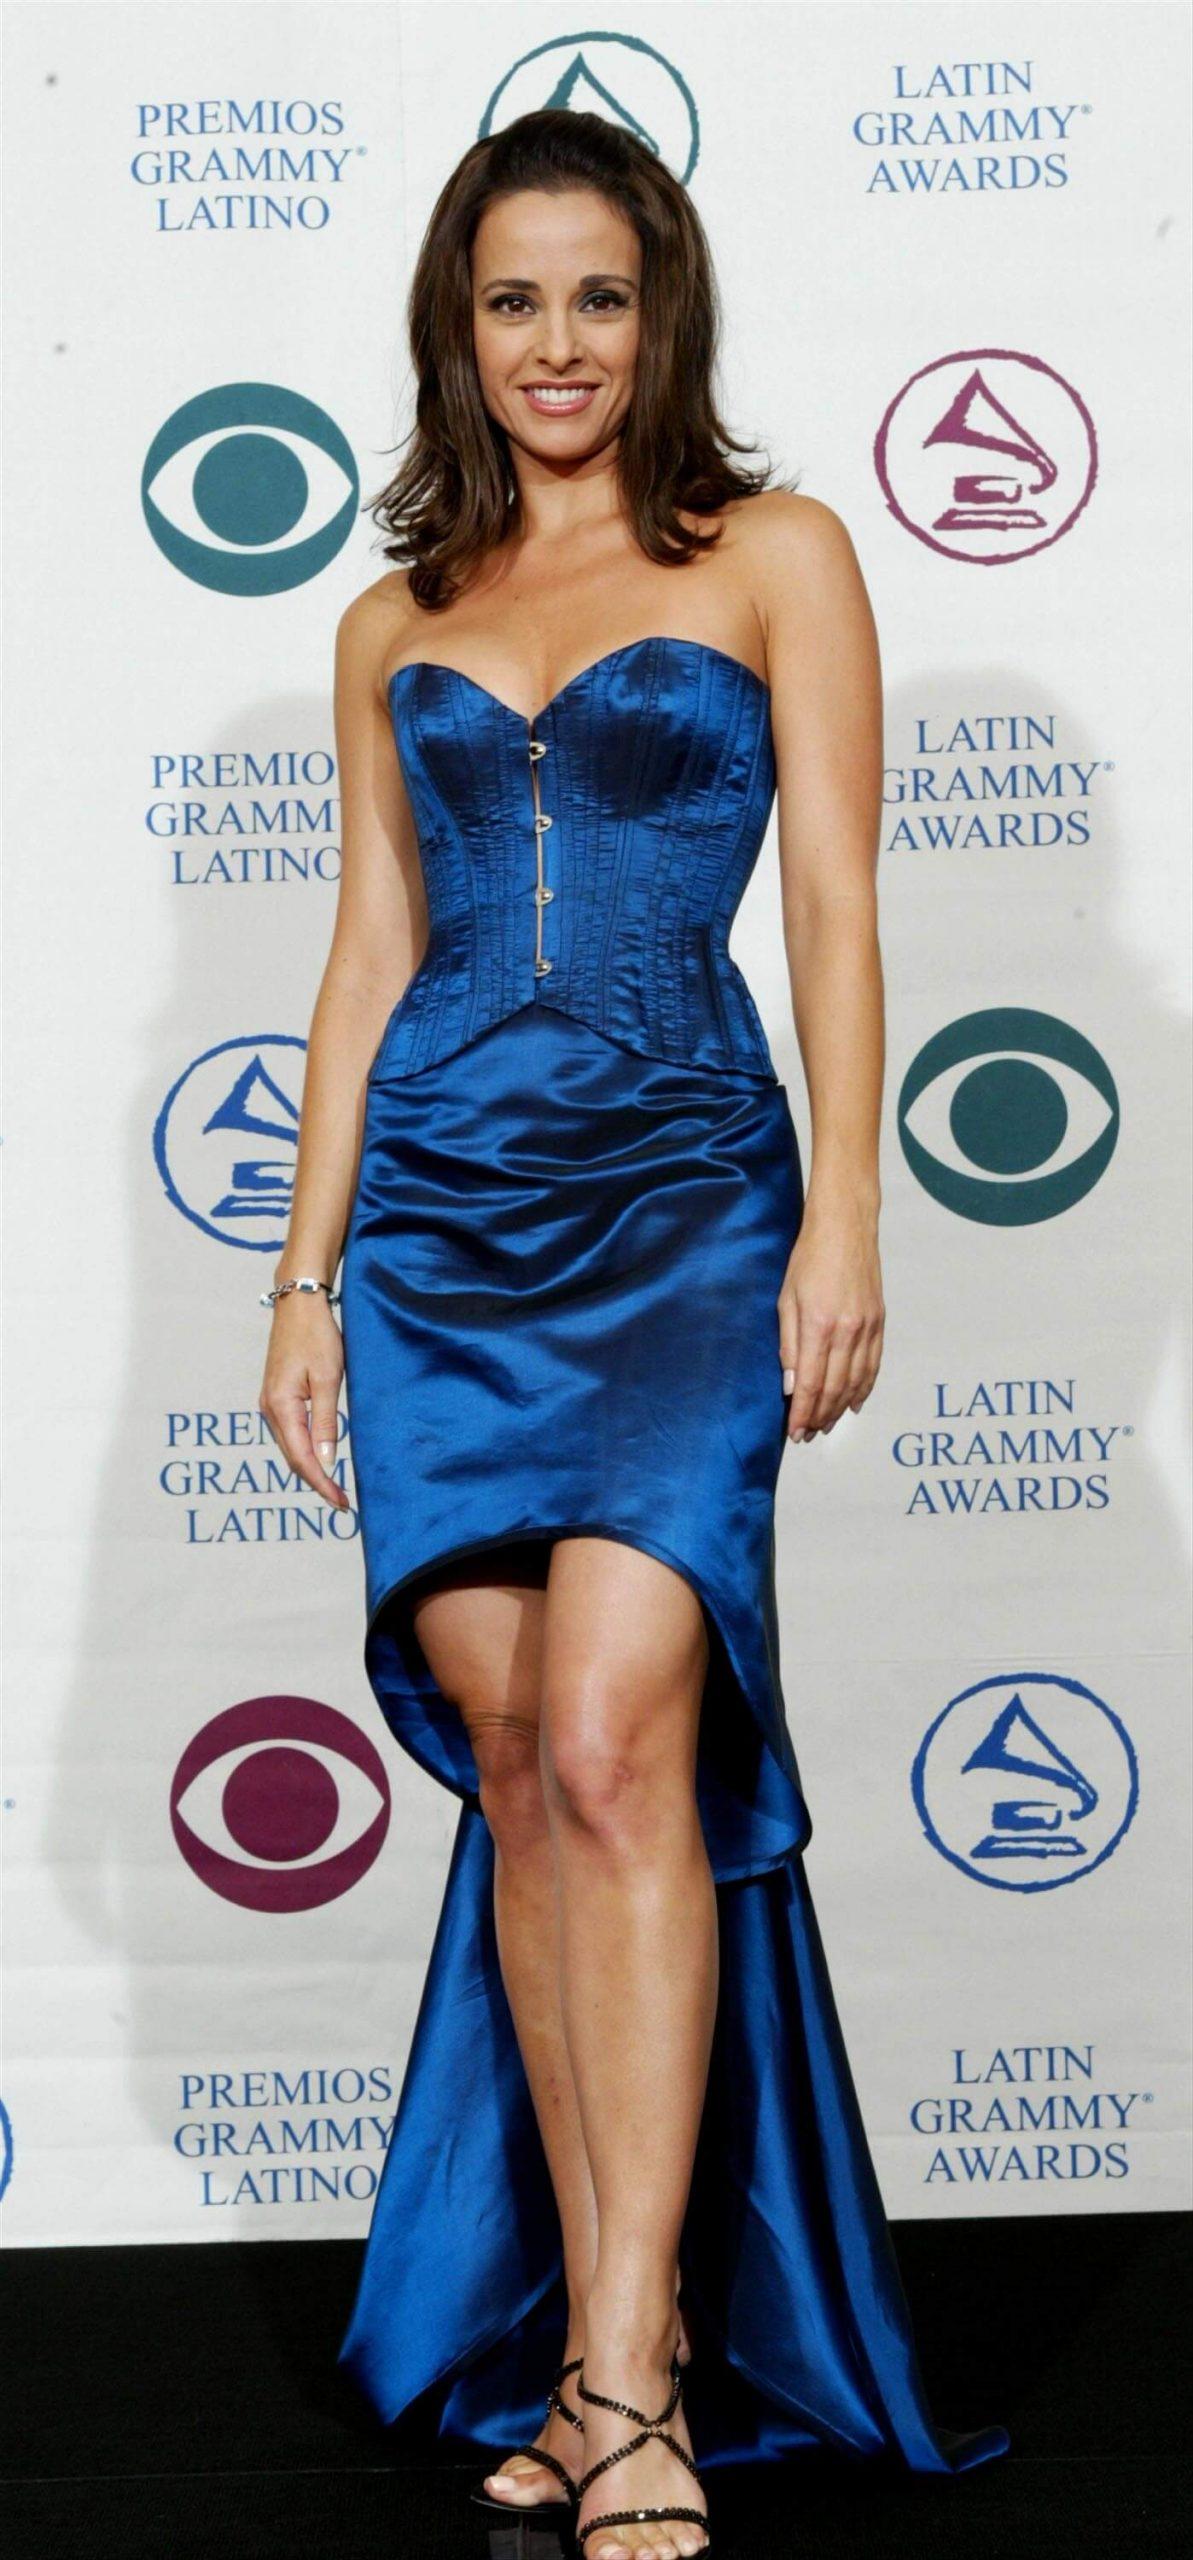 Jacqueline Obradors sexy look pics